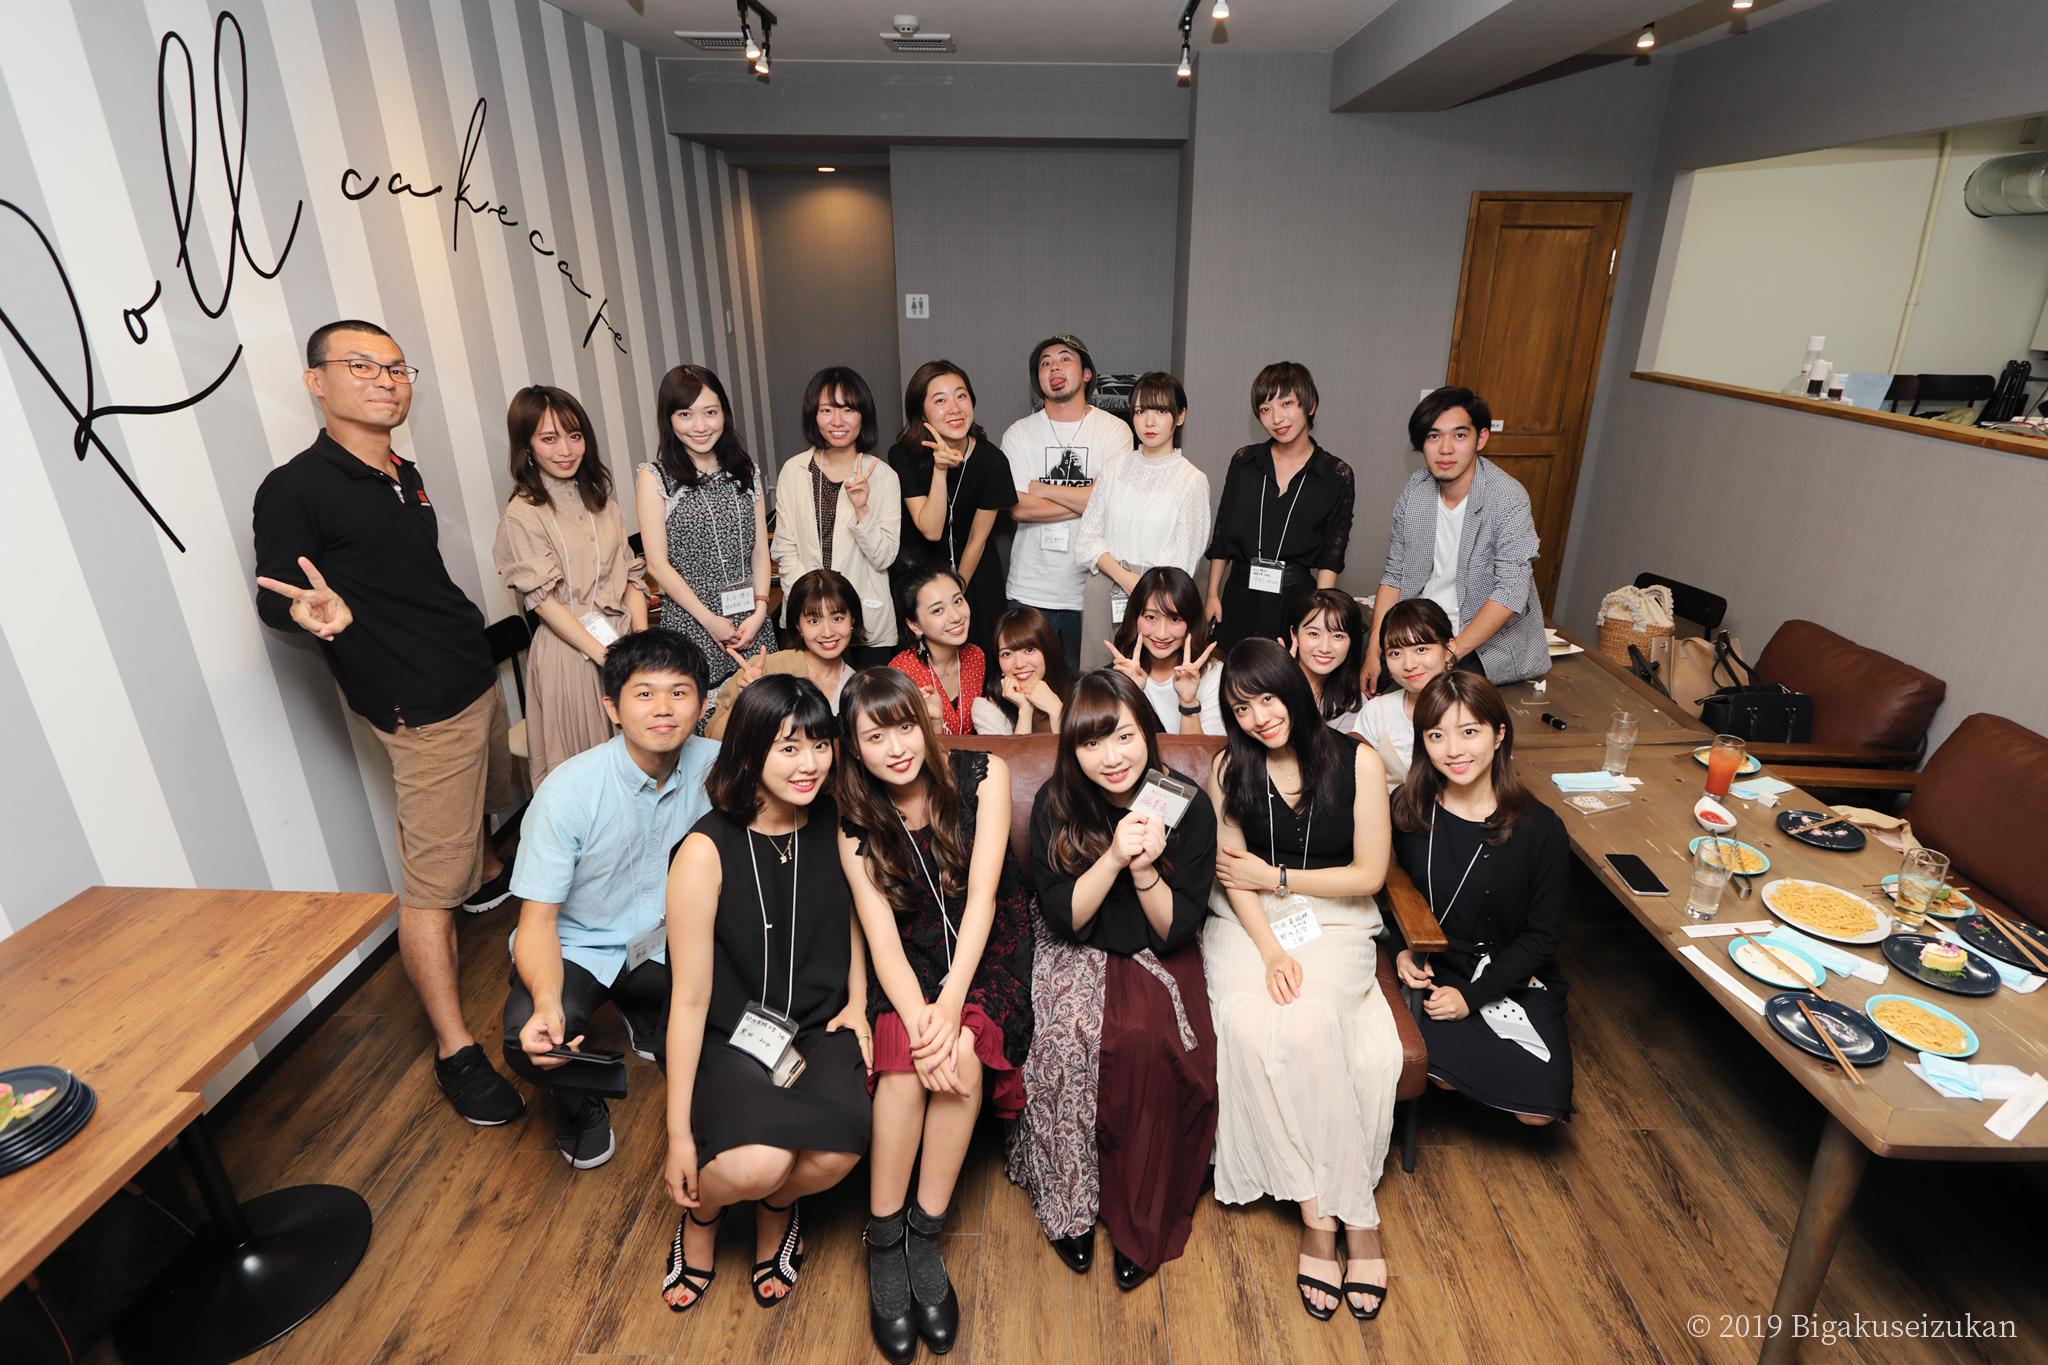 THE眼福!美学生図鑑交流パーティー2019を開催しました